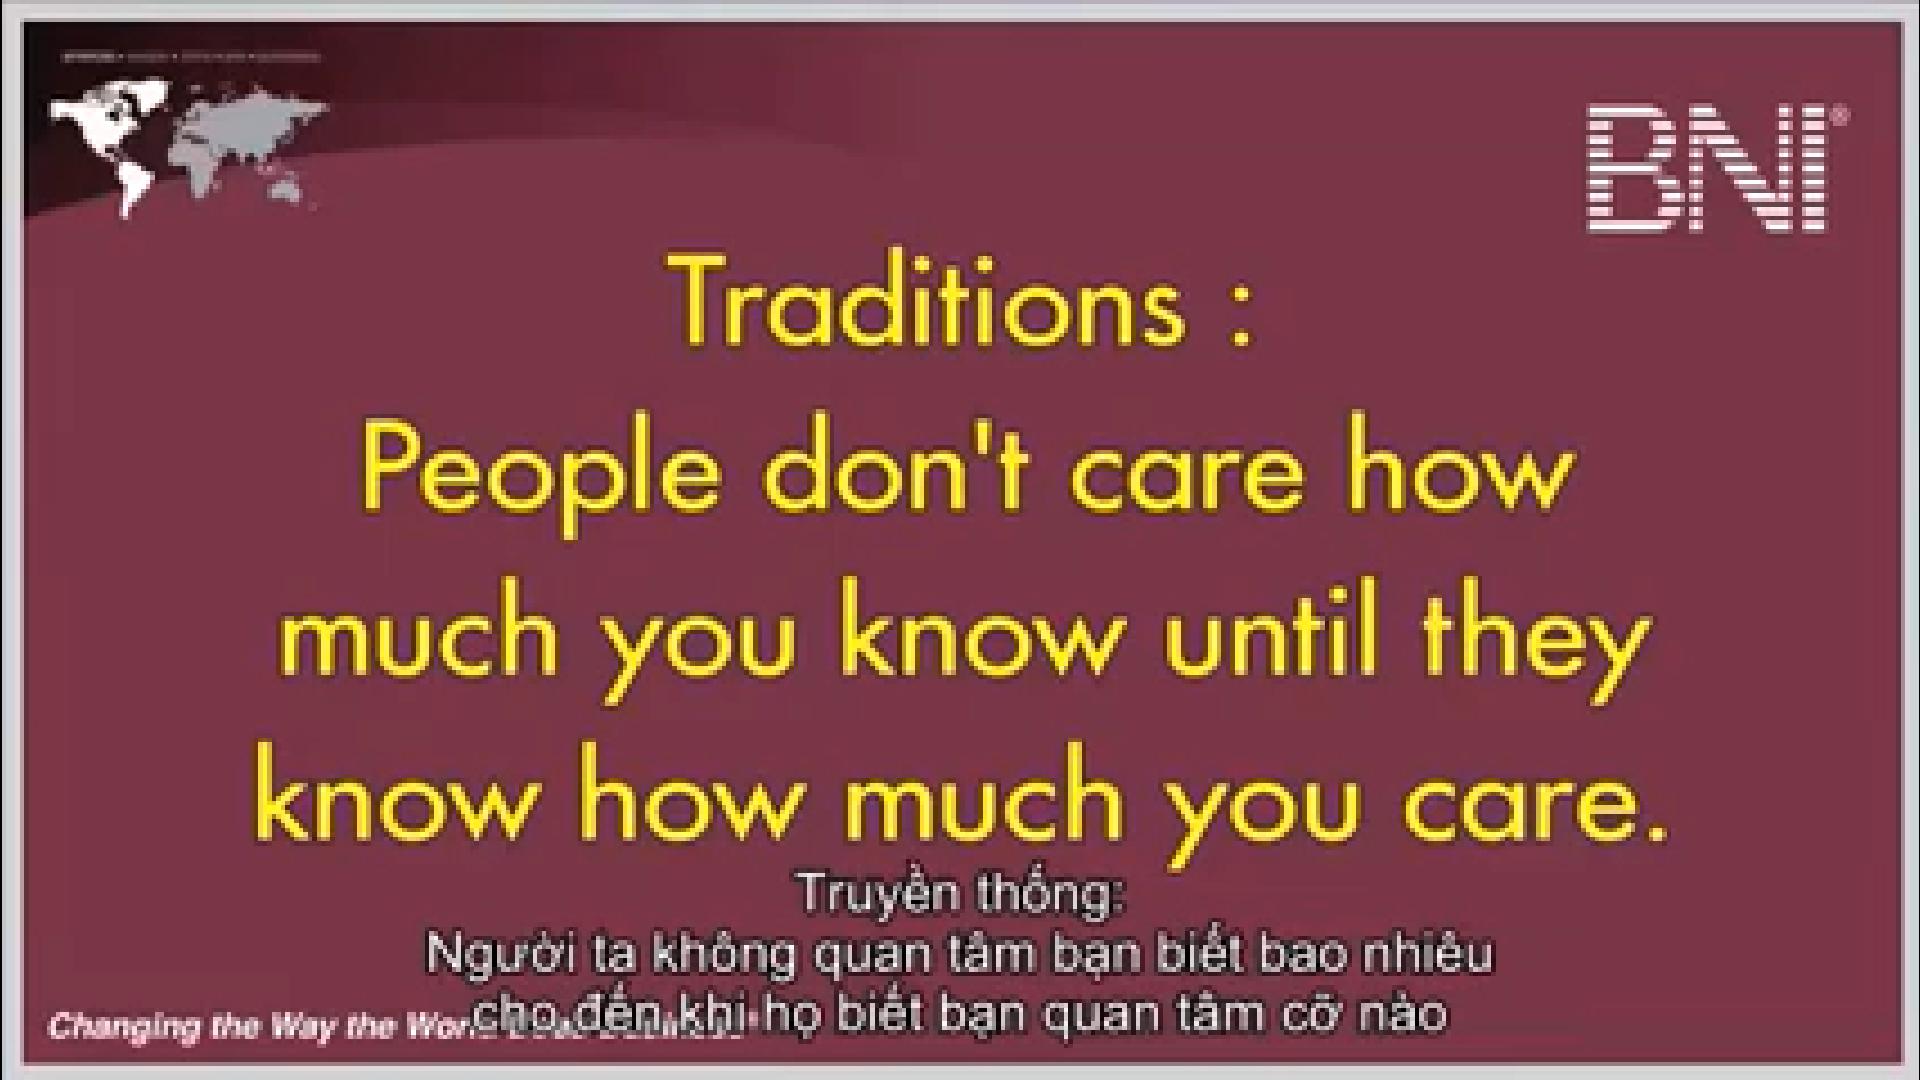 Truyền thống 5 BNI Người ta không quan tâm bạn biết bao nhiêu đến khi họ biết bạn quan tâm cỡ nào